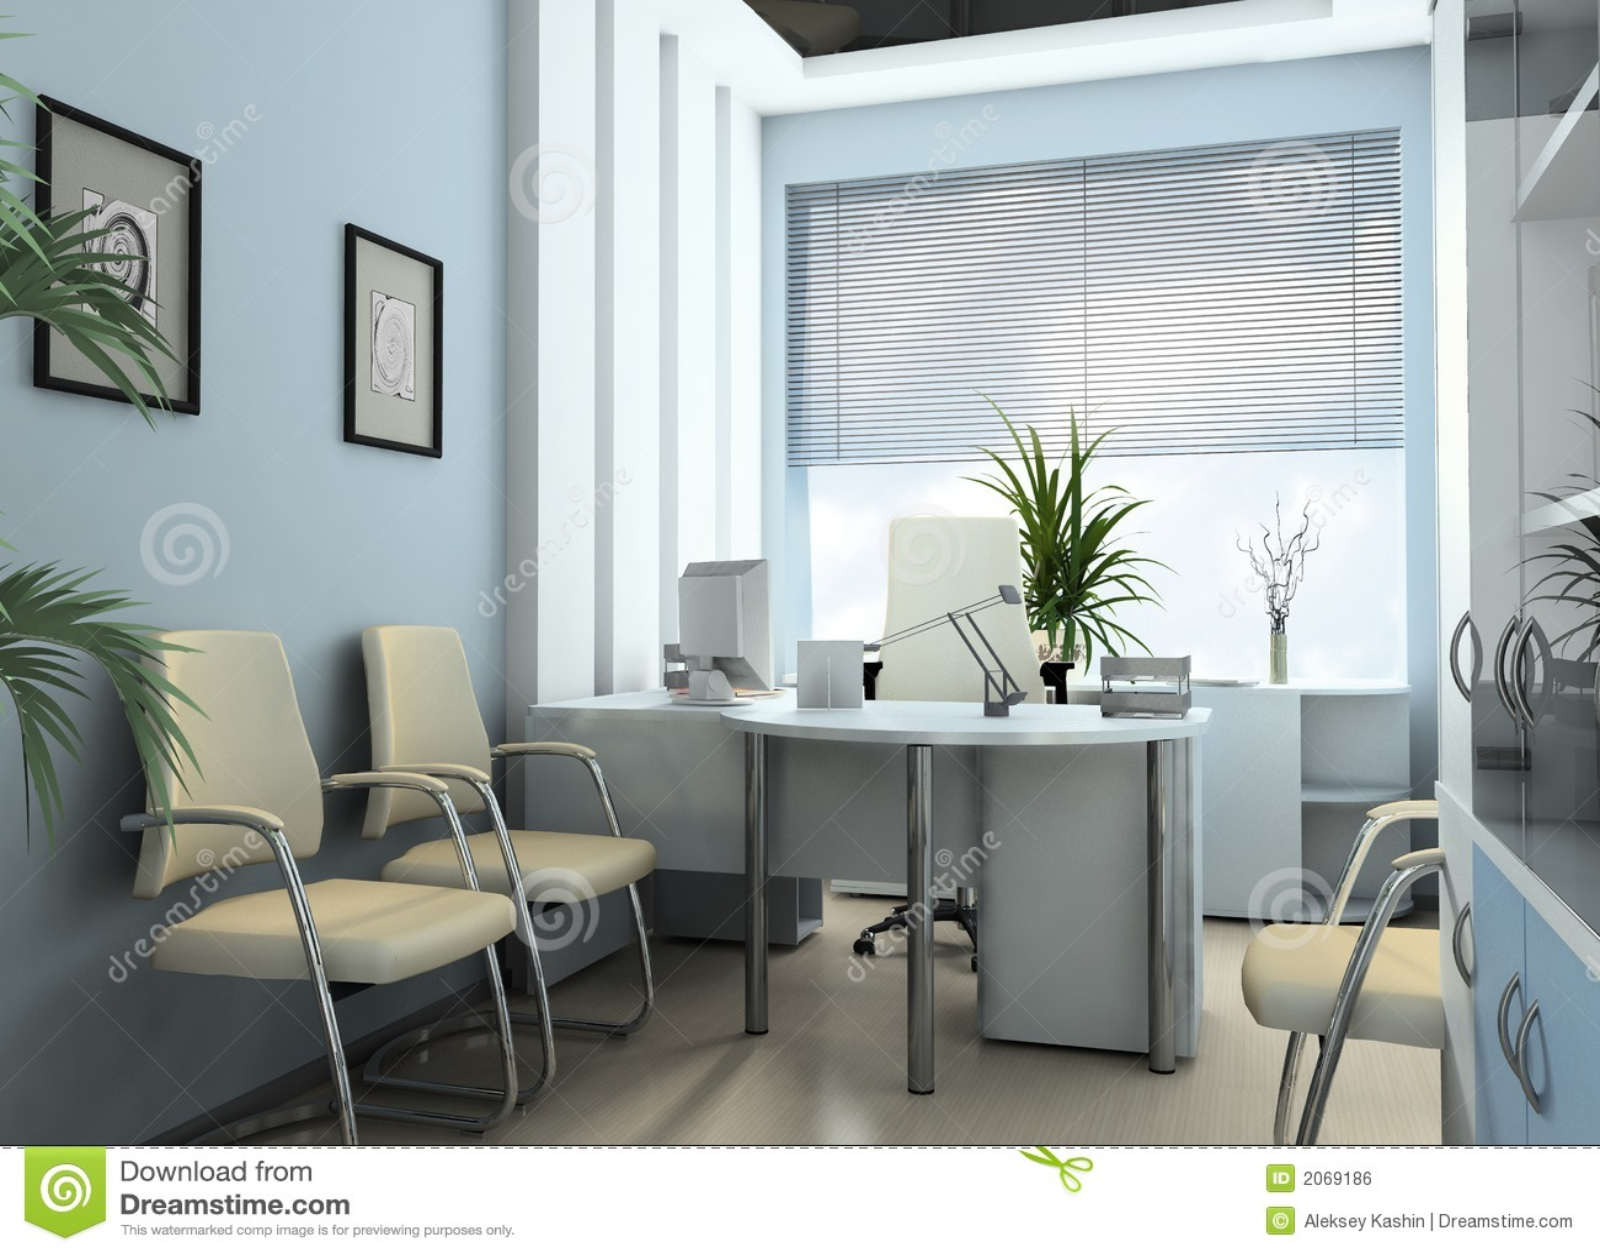 Oficina moderna del contador foto de archivo imagen de moderno ilustraci n 2069186 for Imagenes oficinas modernas